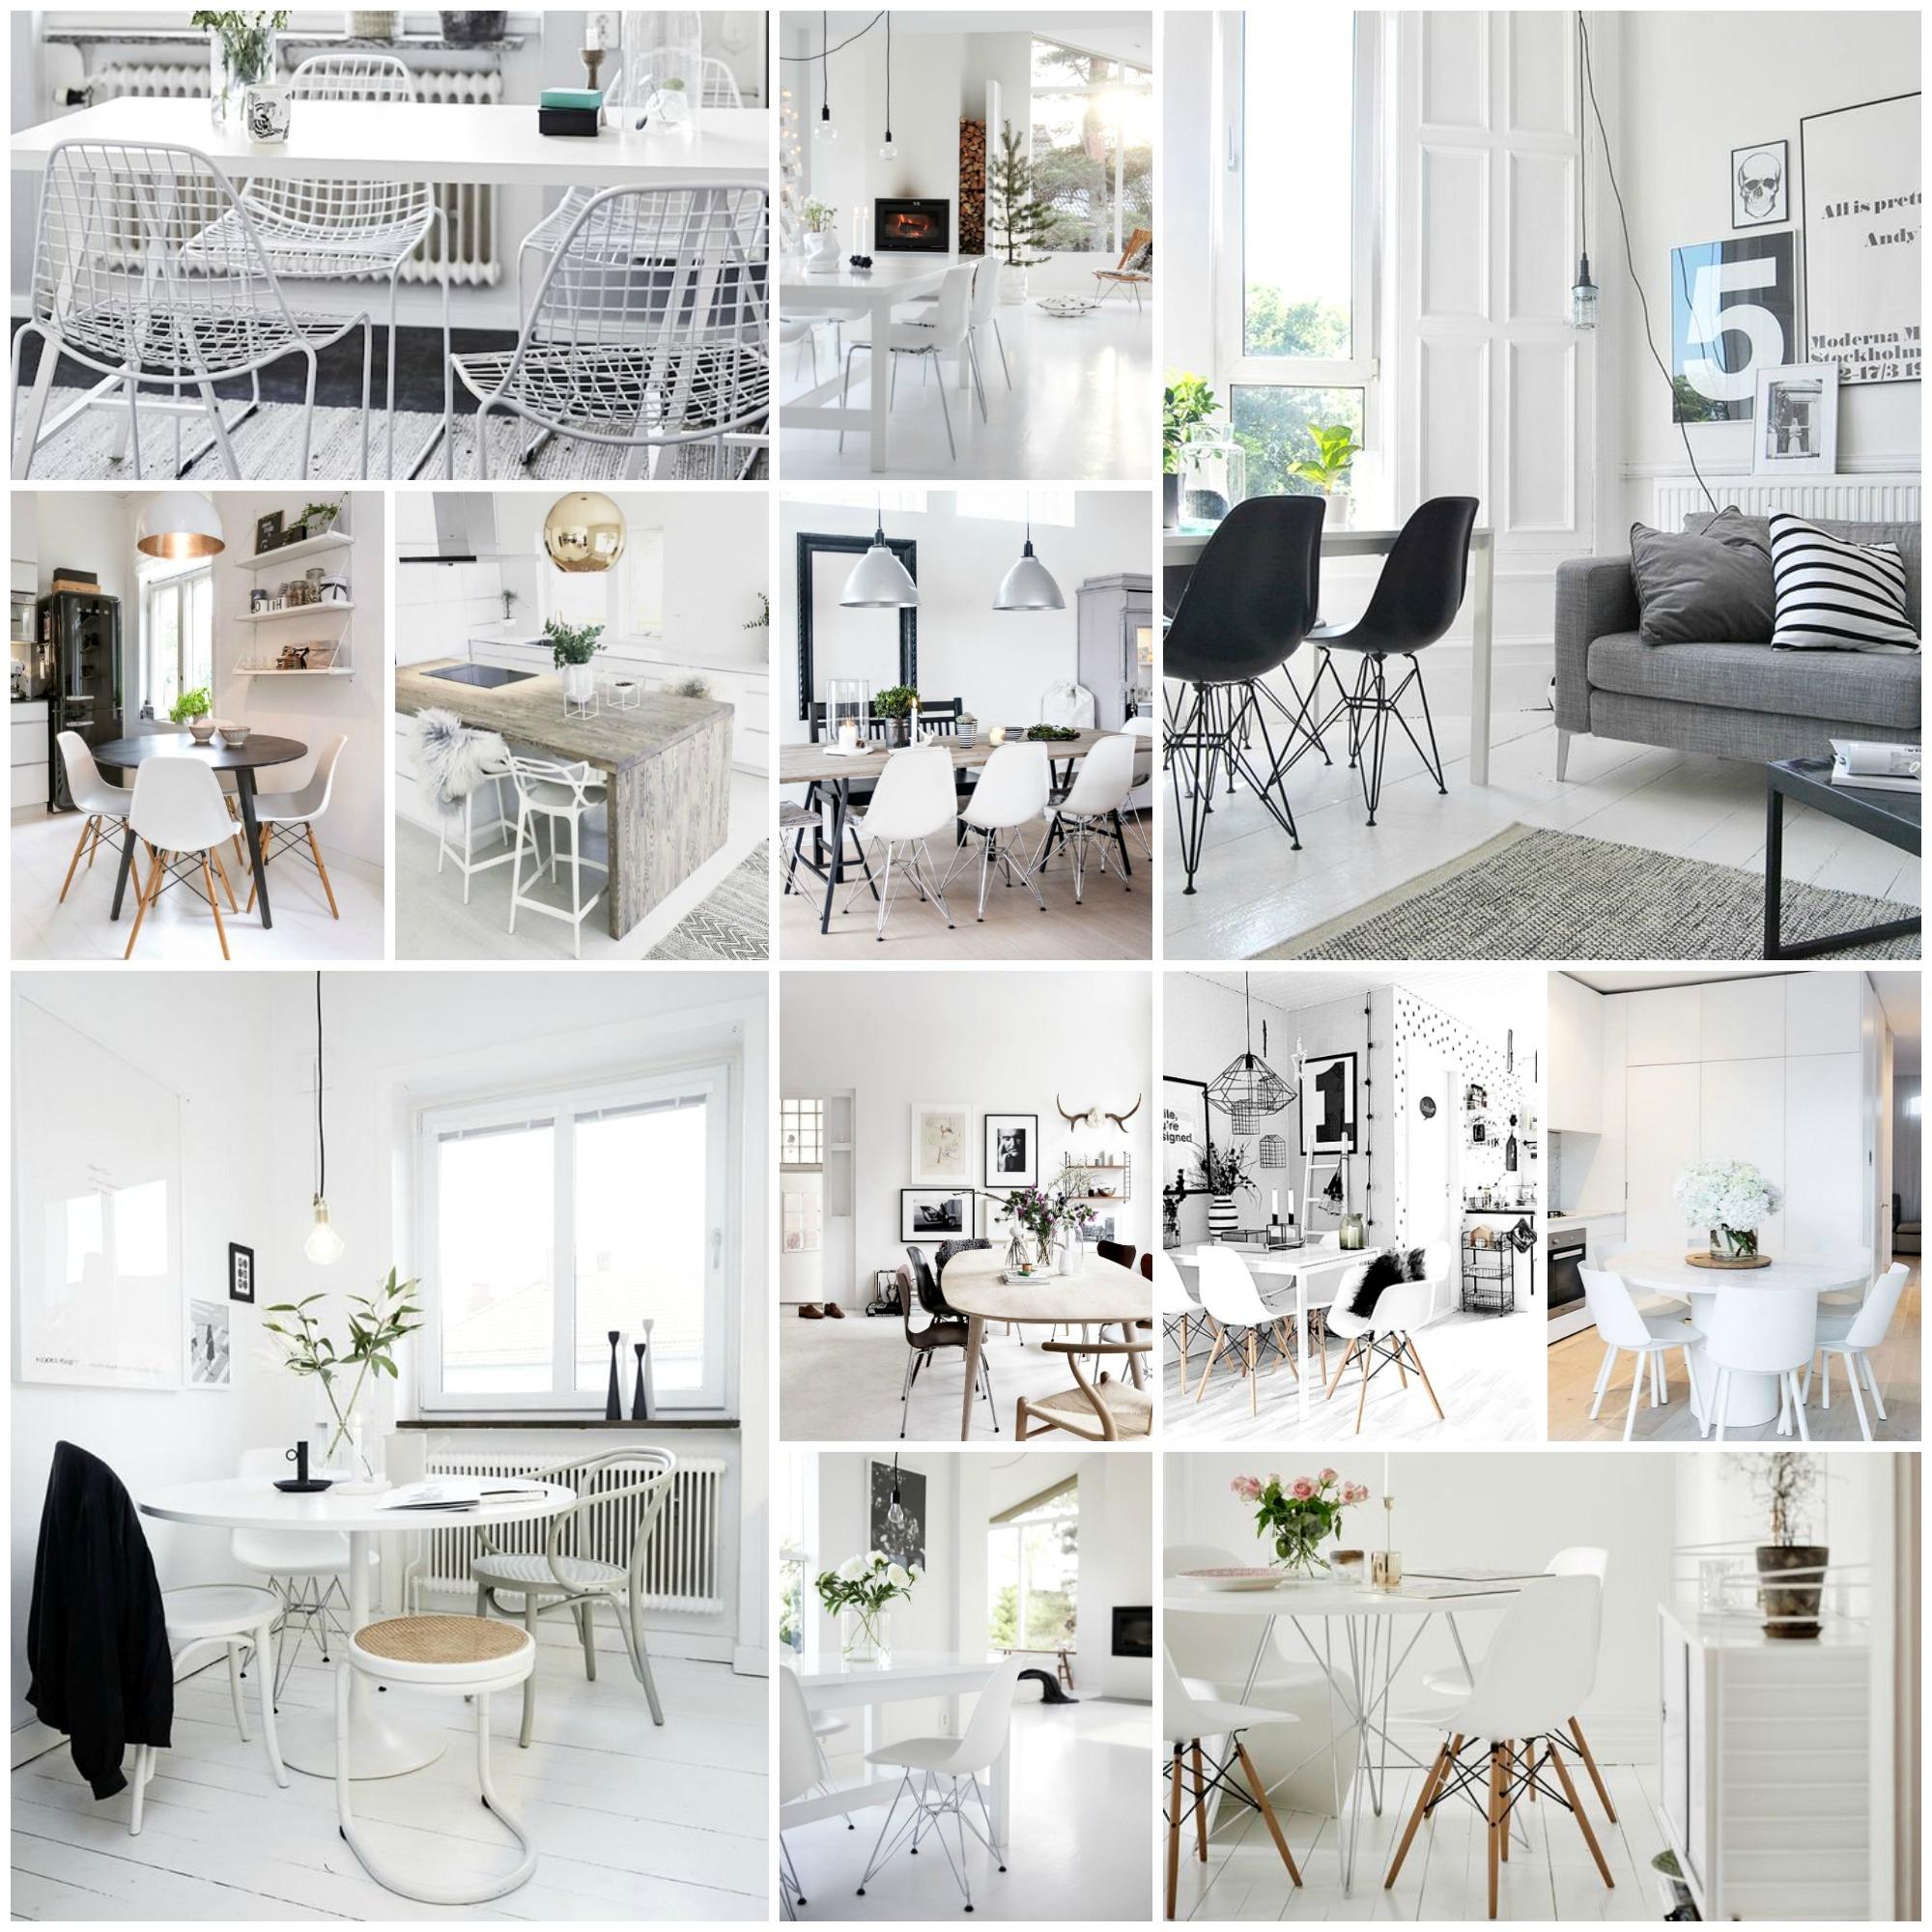 keittiönpöydän tuolit